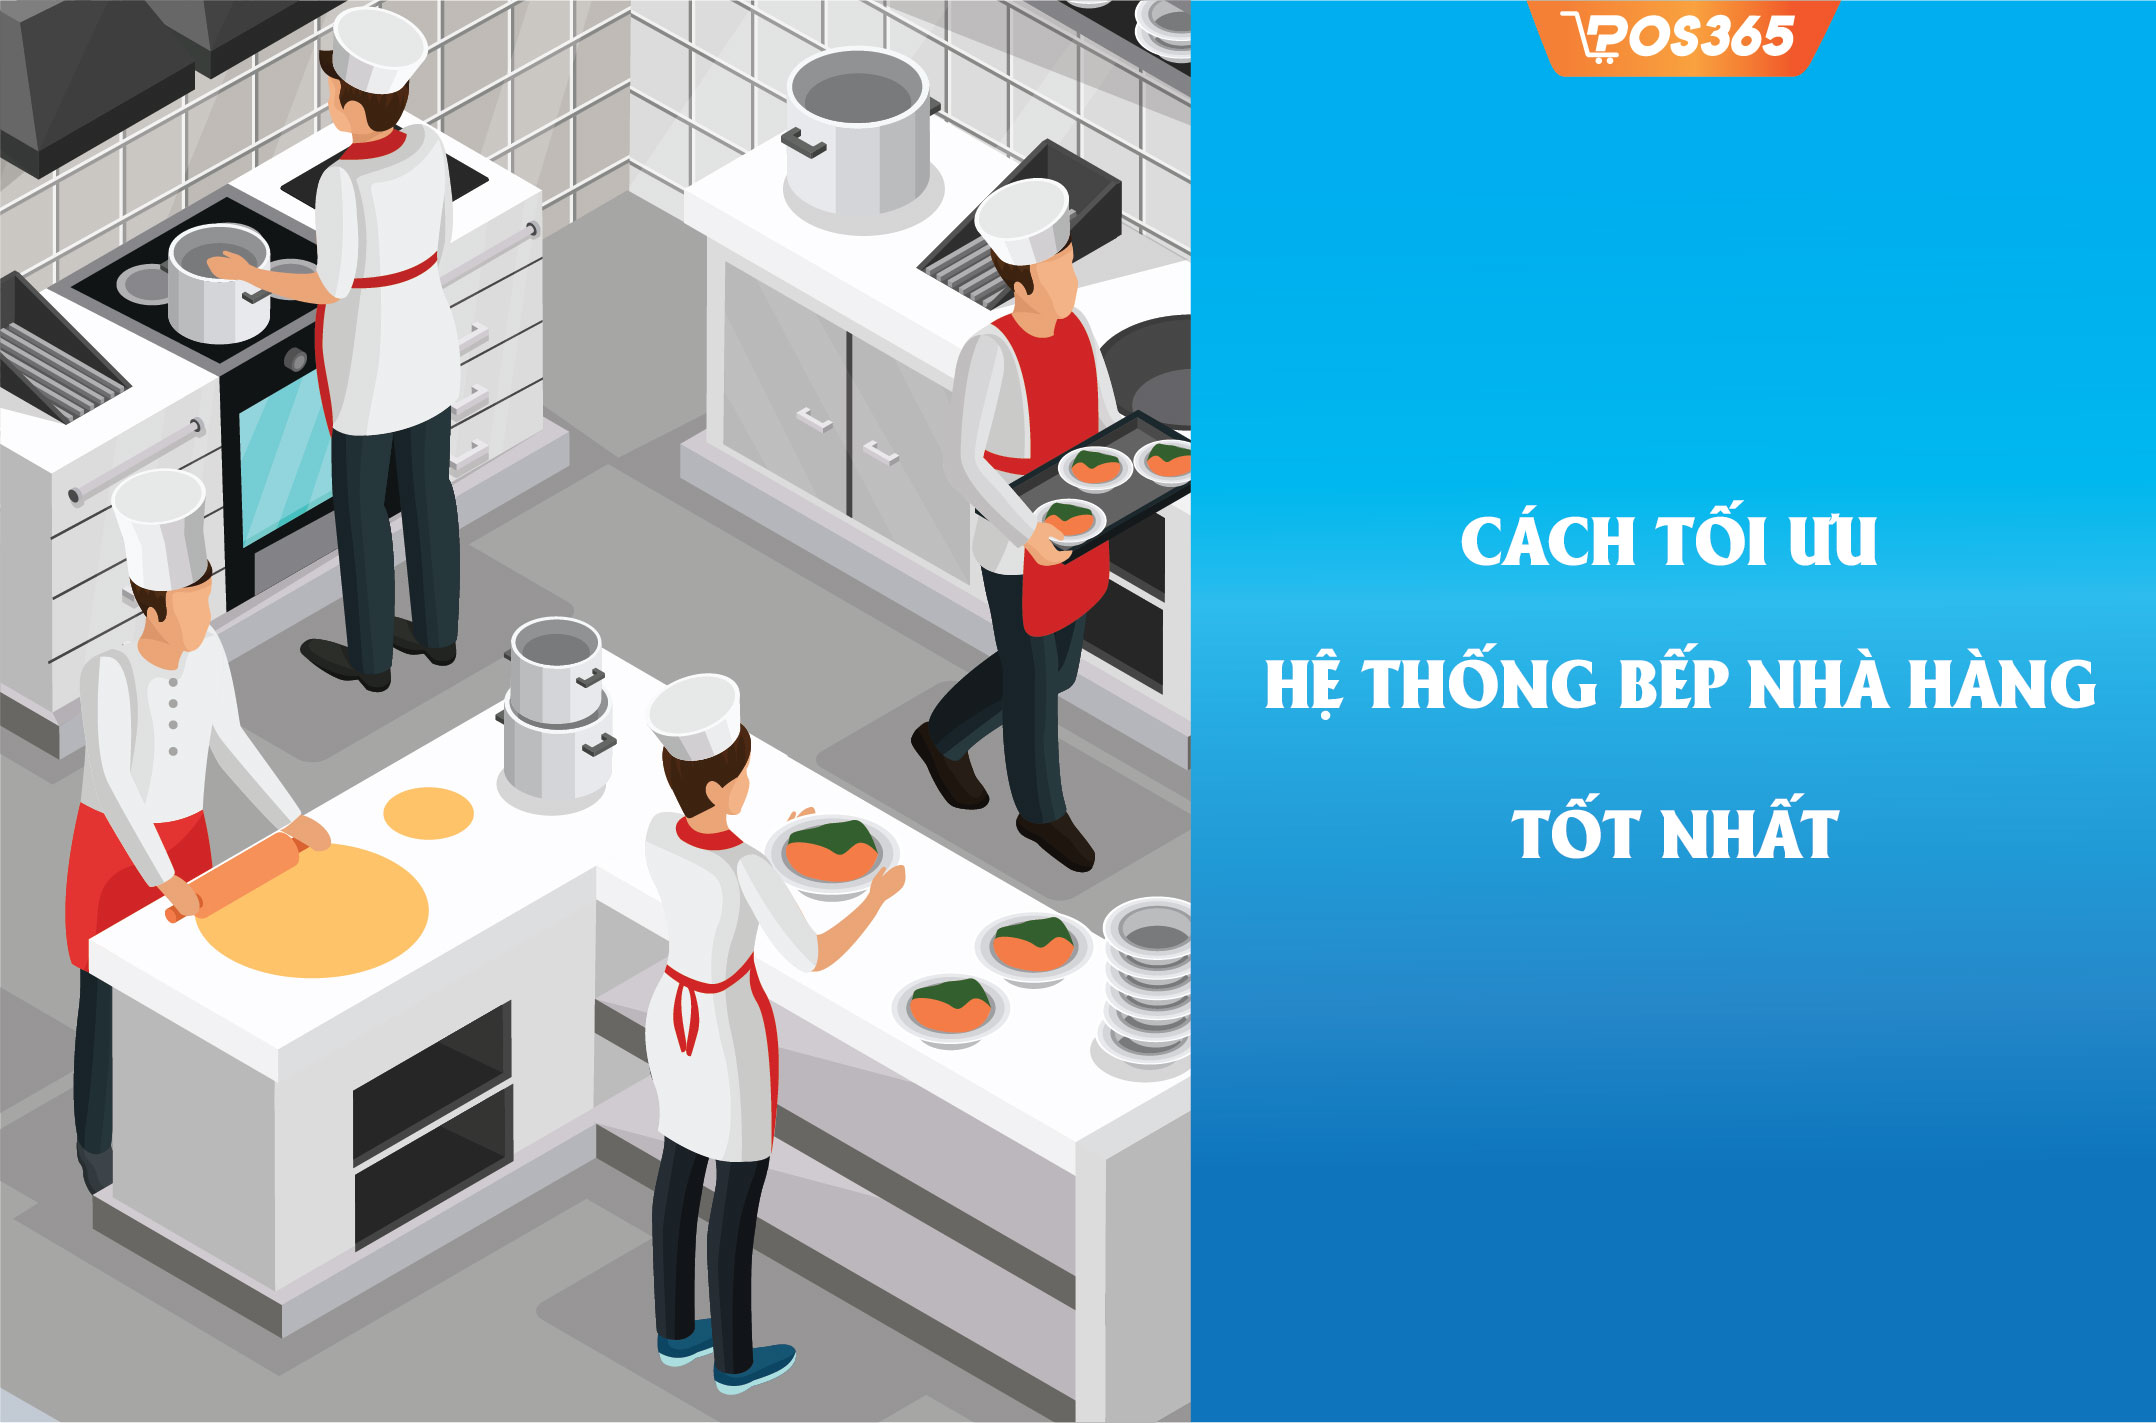 Cách tối ưu hệ thống bếp nhà hàng tốt nhất